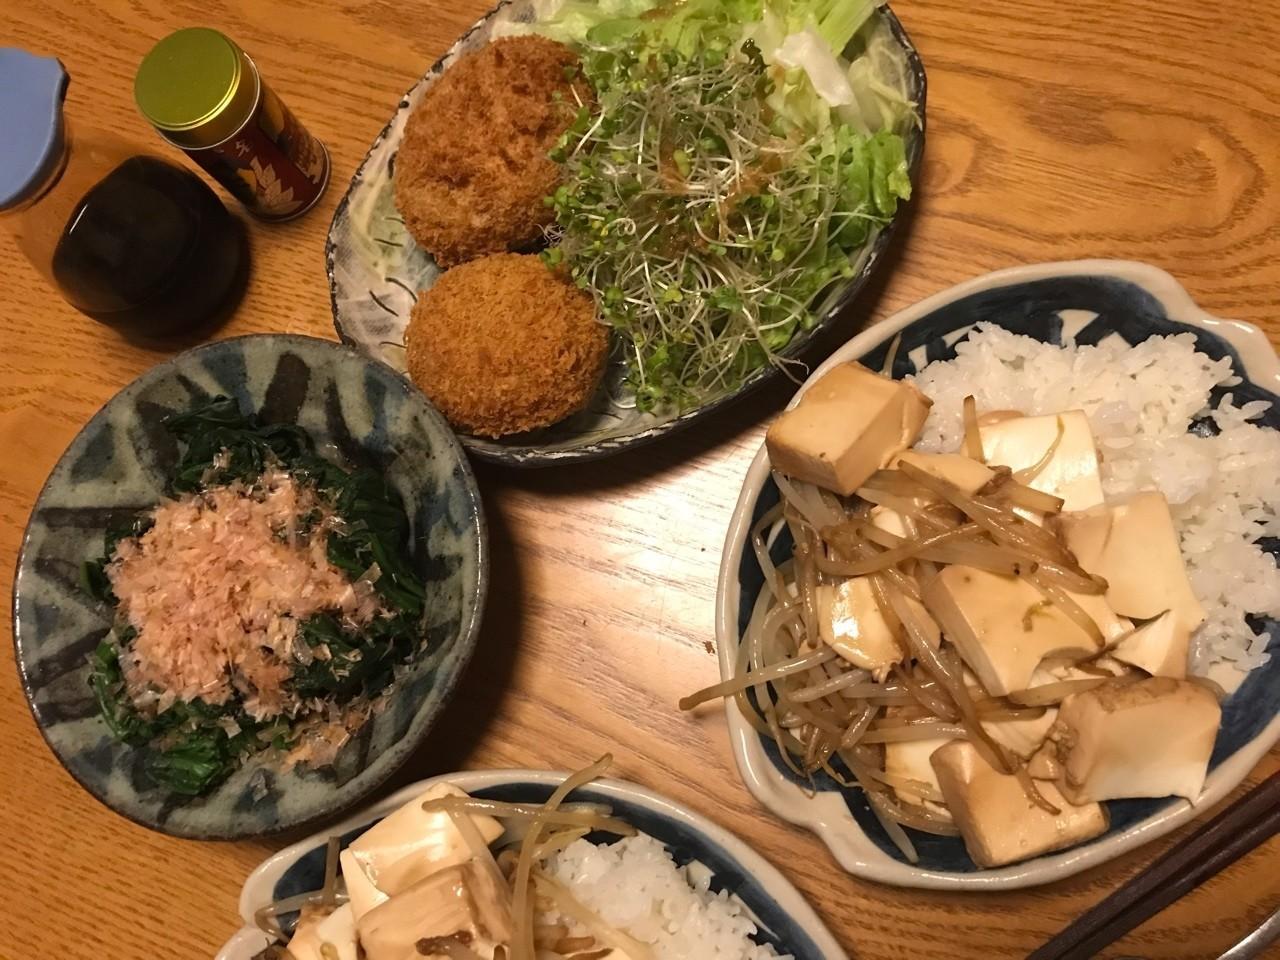 買ってきたコロッケとメンチ、おうちで作ったほうれん草のお浸しと豆腐のバタ丼 #あのバタ丼 #晩ごはん #ほうれん草 #セブンのコロッケとメンチ